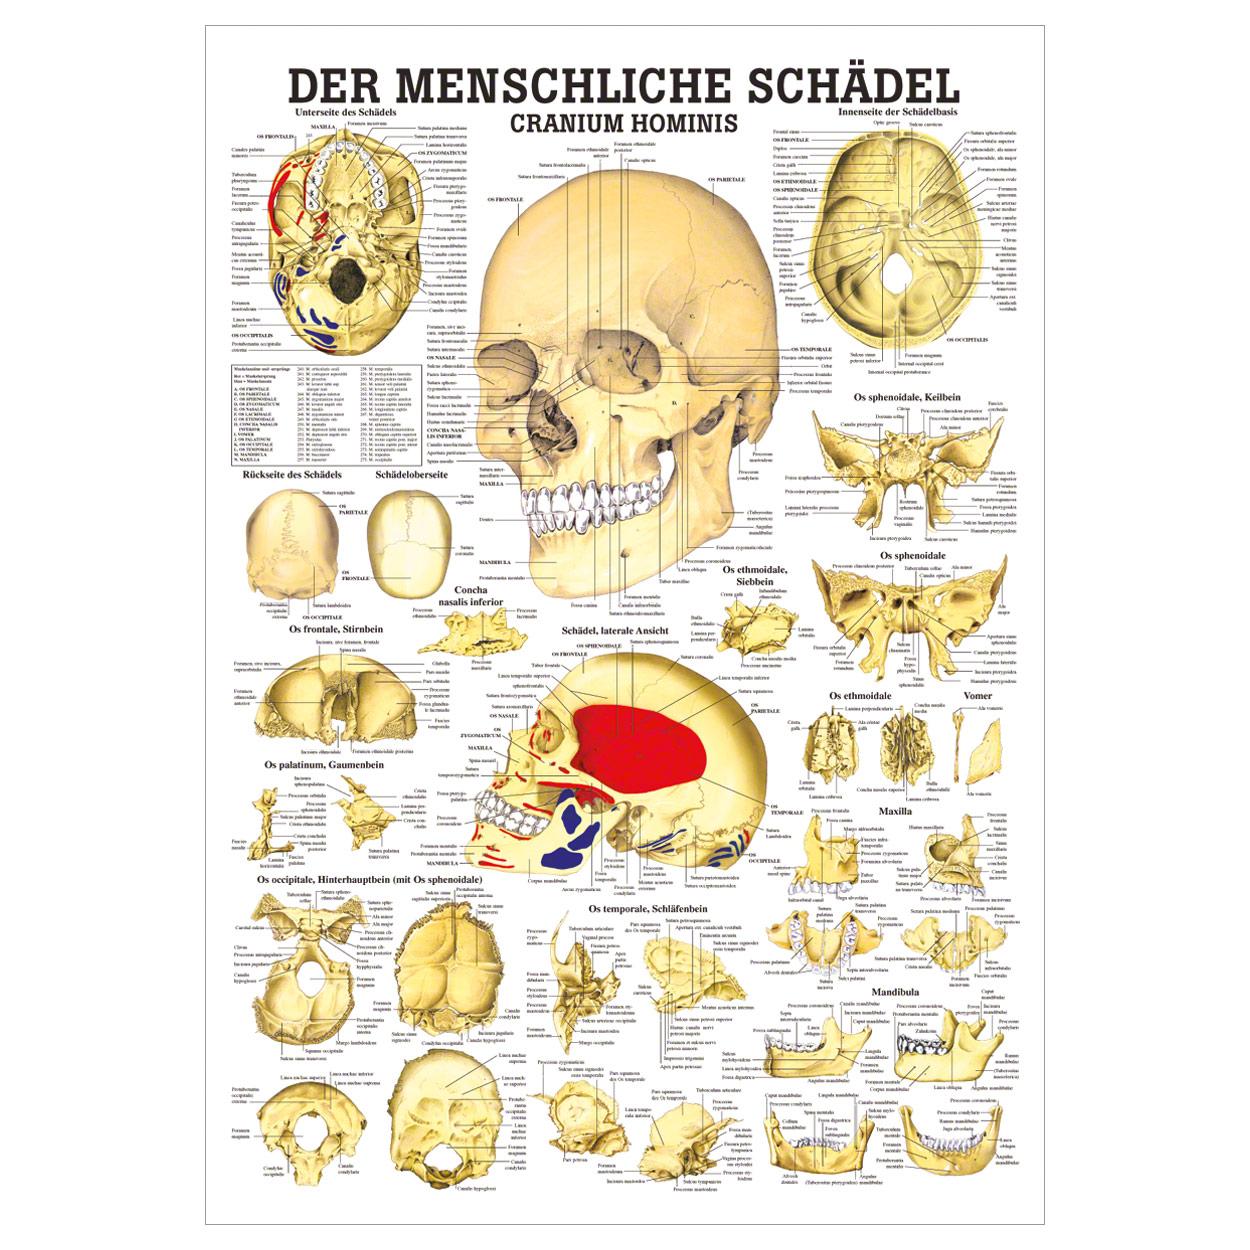 Gemütlich Schädel Ct Anatomie Bilder - Anatomie Ideen - finotti.info